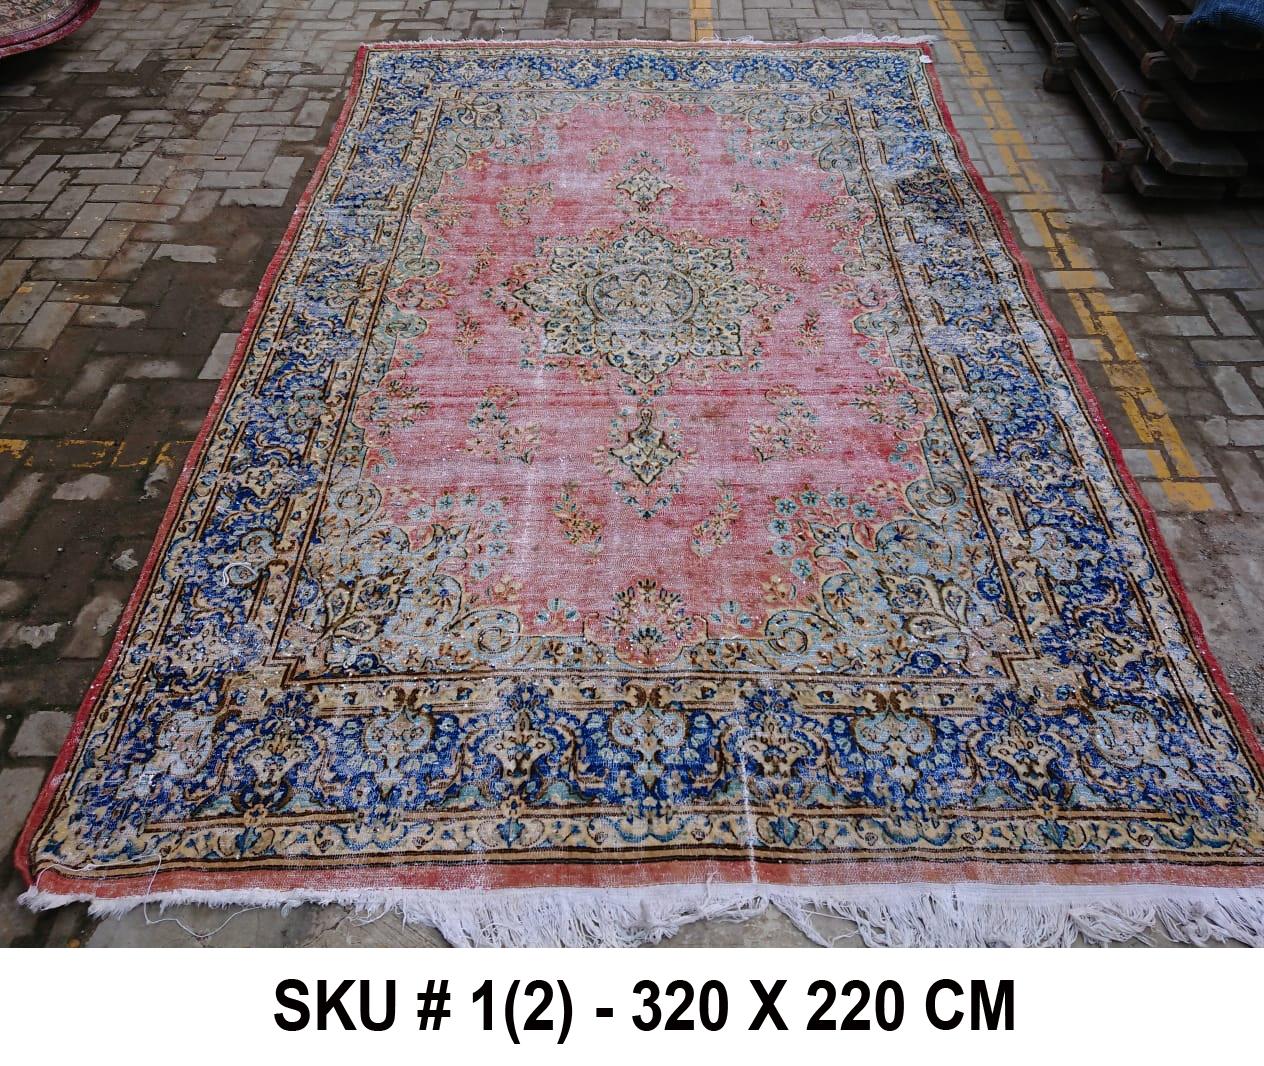 Vintage vloerkleed rood met blauw, nr.98001, 320cm x 220cm